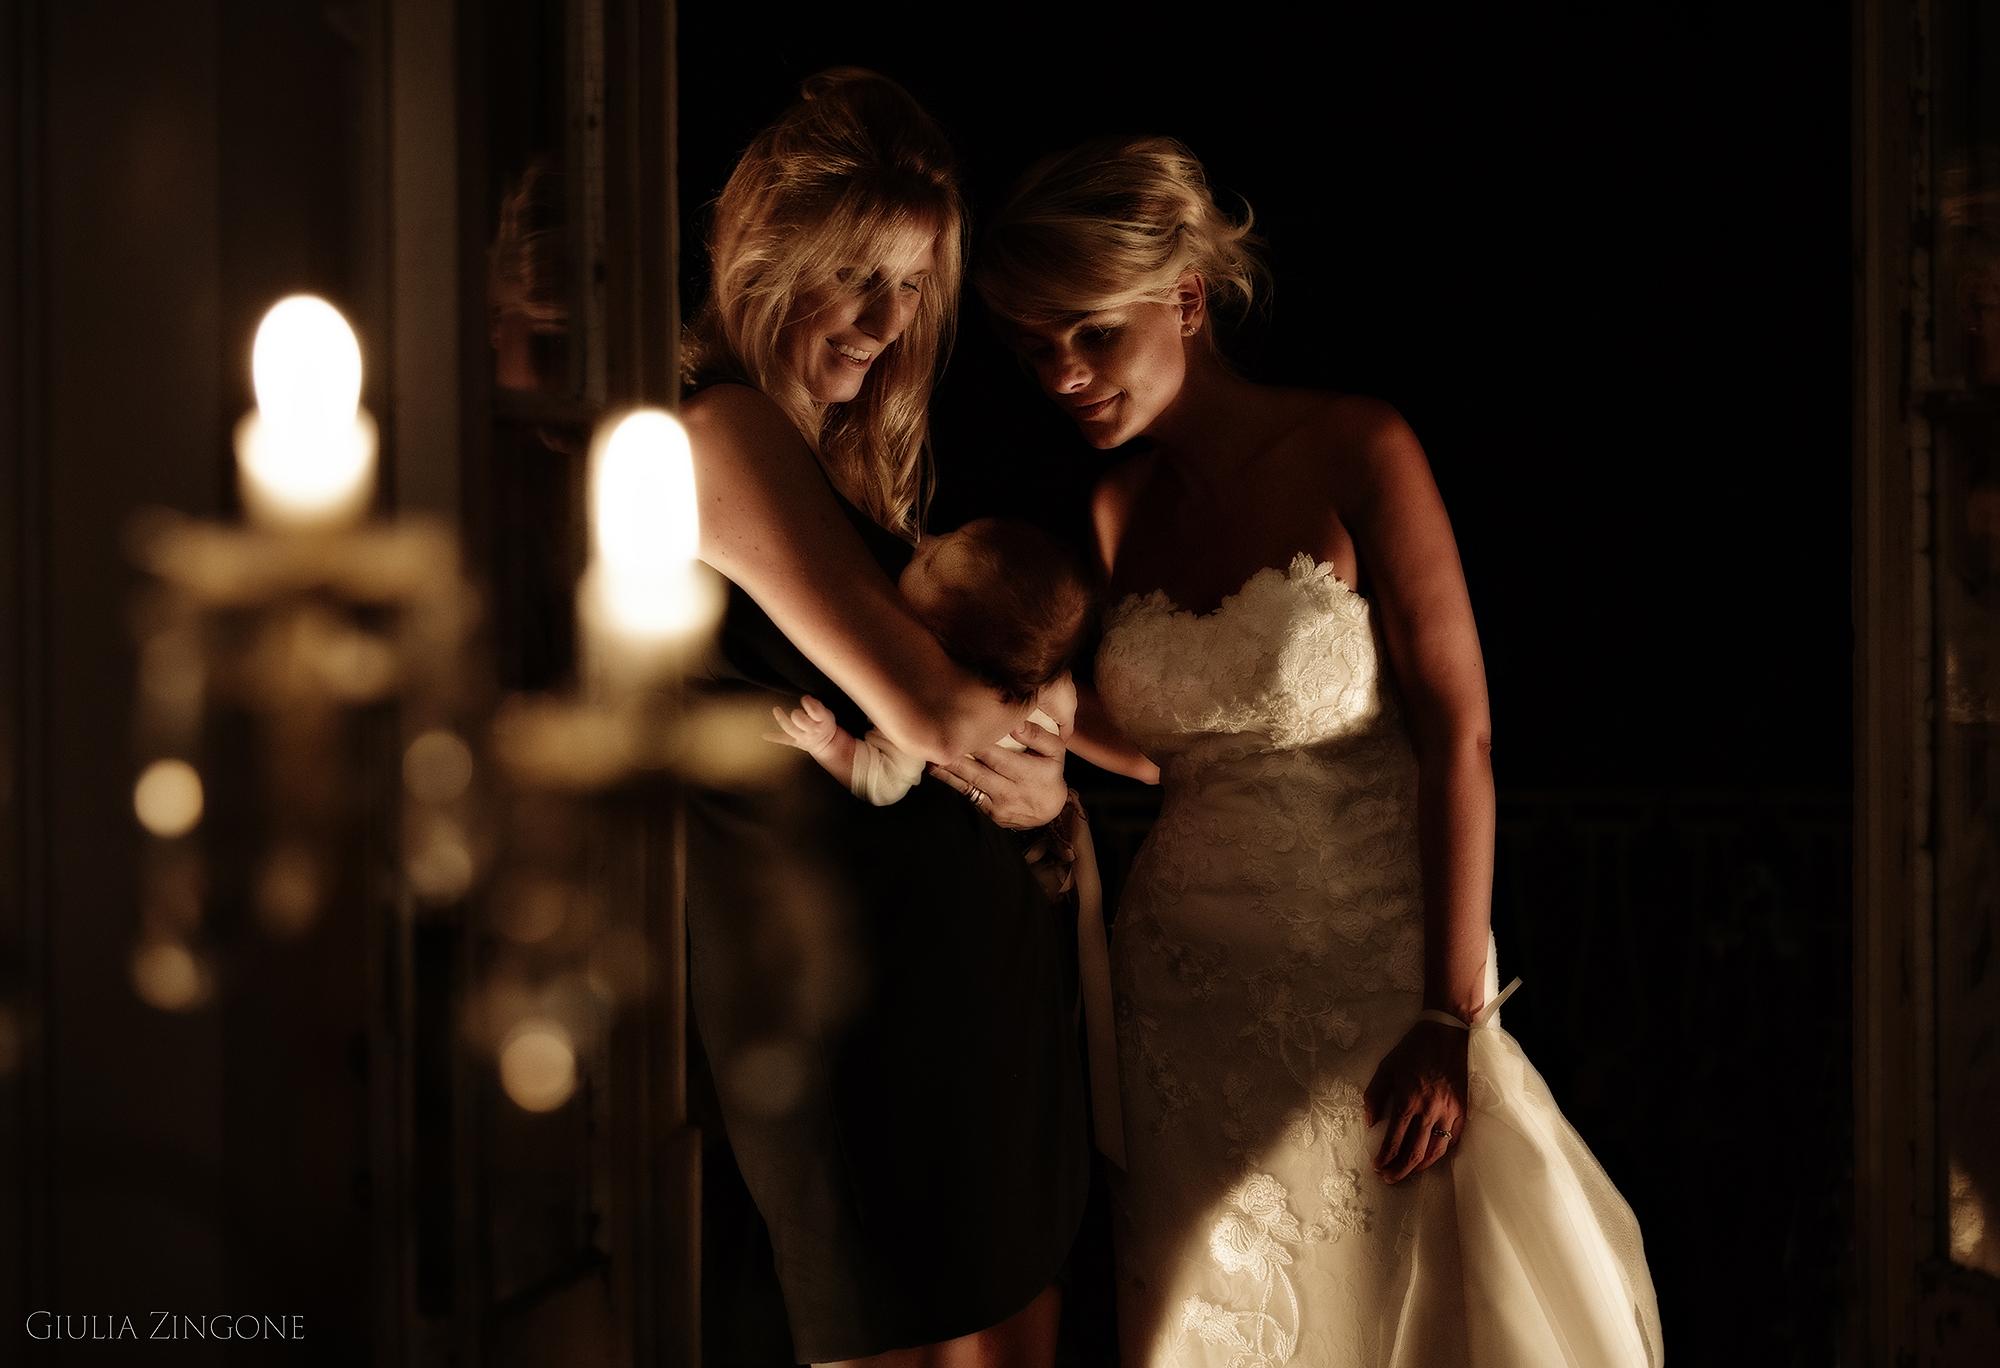 sono onorata di essere stata il fotografo di questo matrimonio a Castelvecchio di Sagrado und hochzeit photograph in friaul